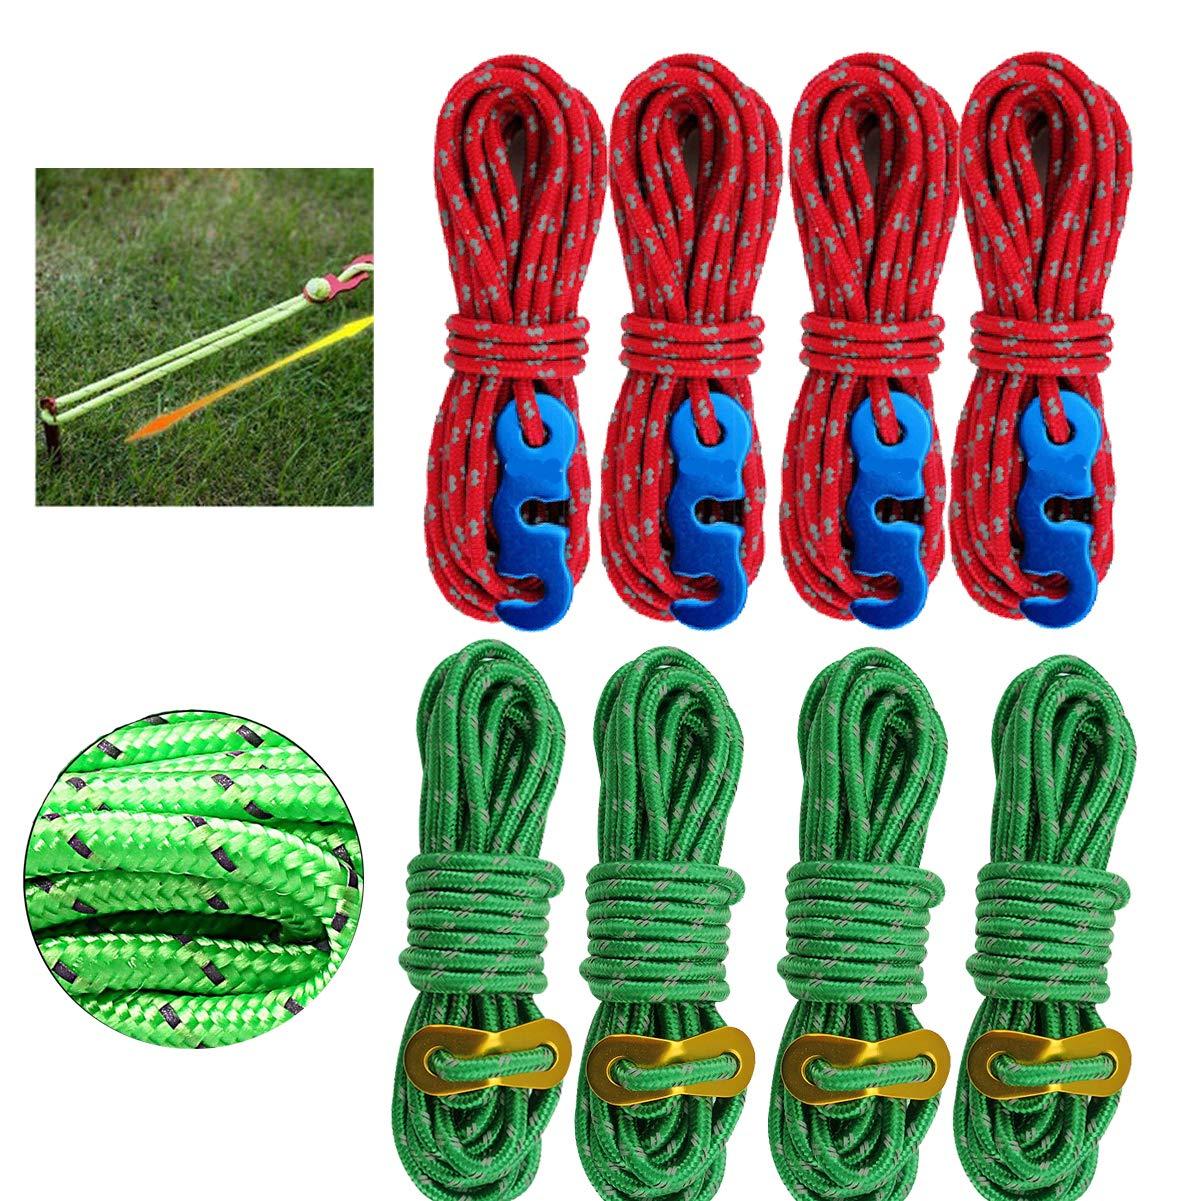 4M dancepandas Reflexiva Cuerdas Vientos Tensores 8PCS 4mm Cerdas de Tienda de Campa/ña con Ajustador de Cuerda Cuerda Nylon Rojo Verde Cuerdas Tensoras para Tiendas de Campa/ña Toldo al Aire Libre